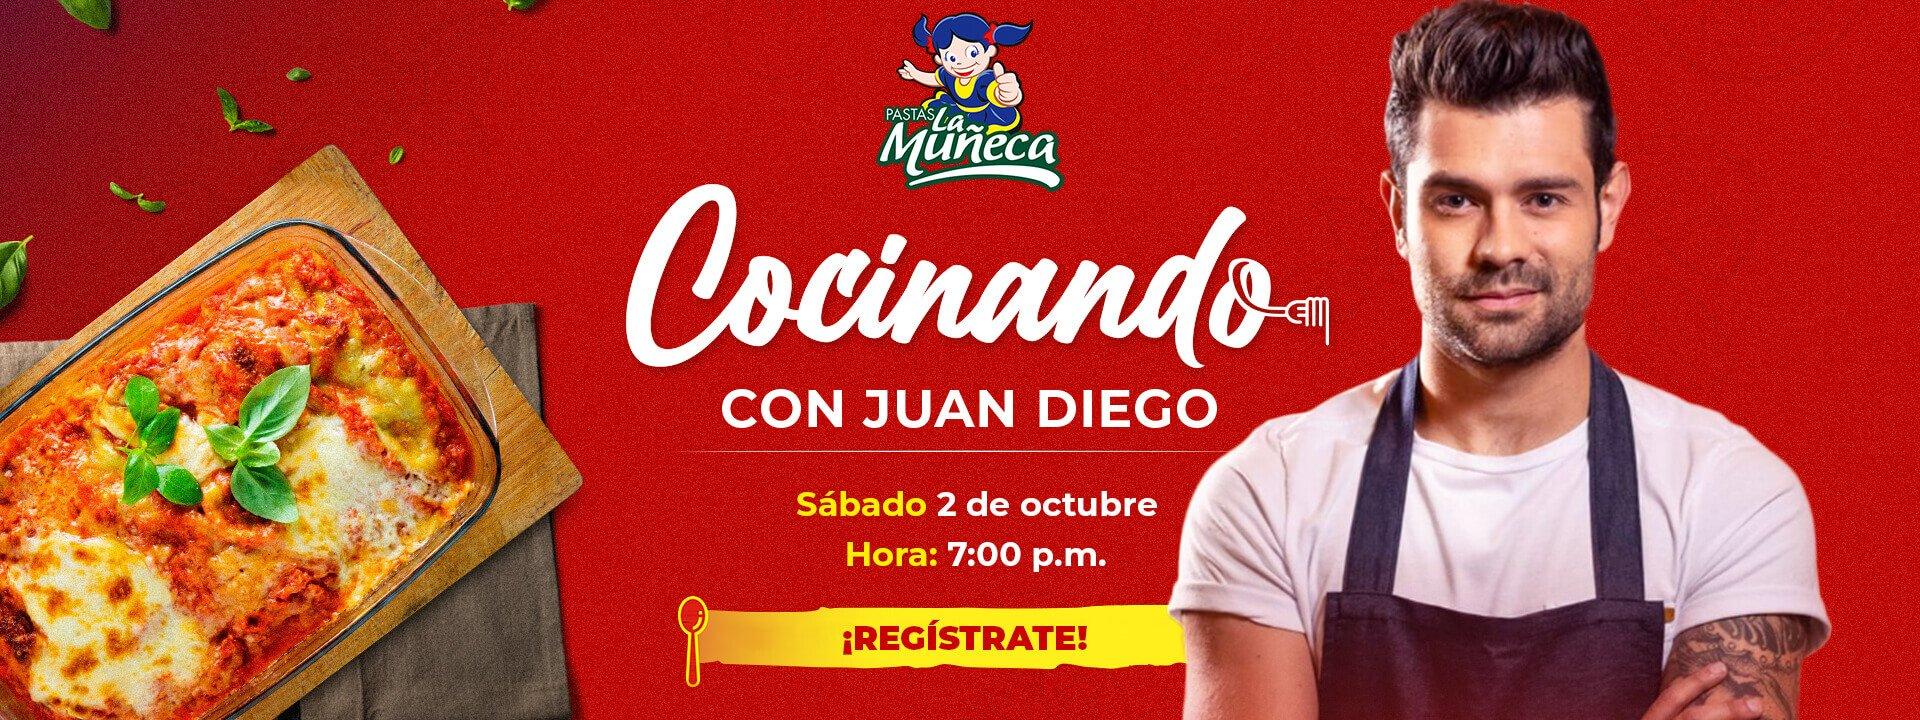 Cocinando con Juan Diego ¡Regístrate!